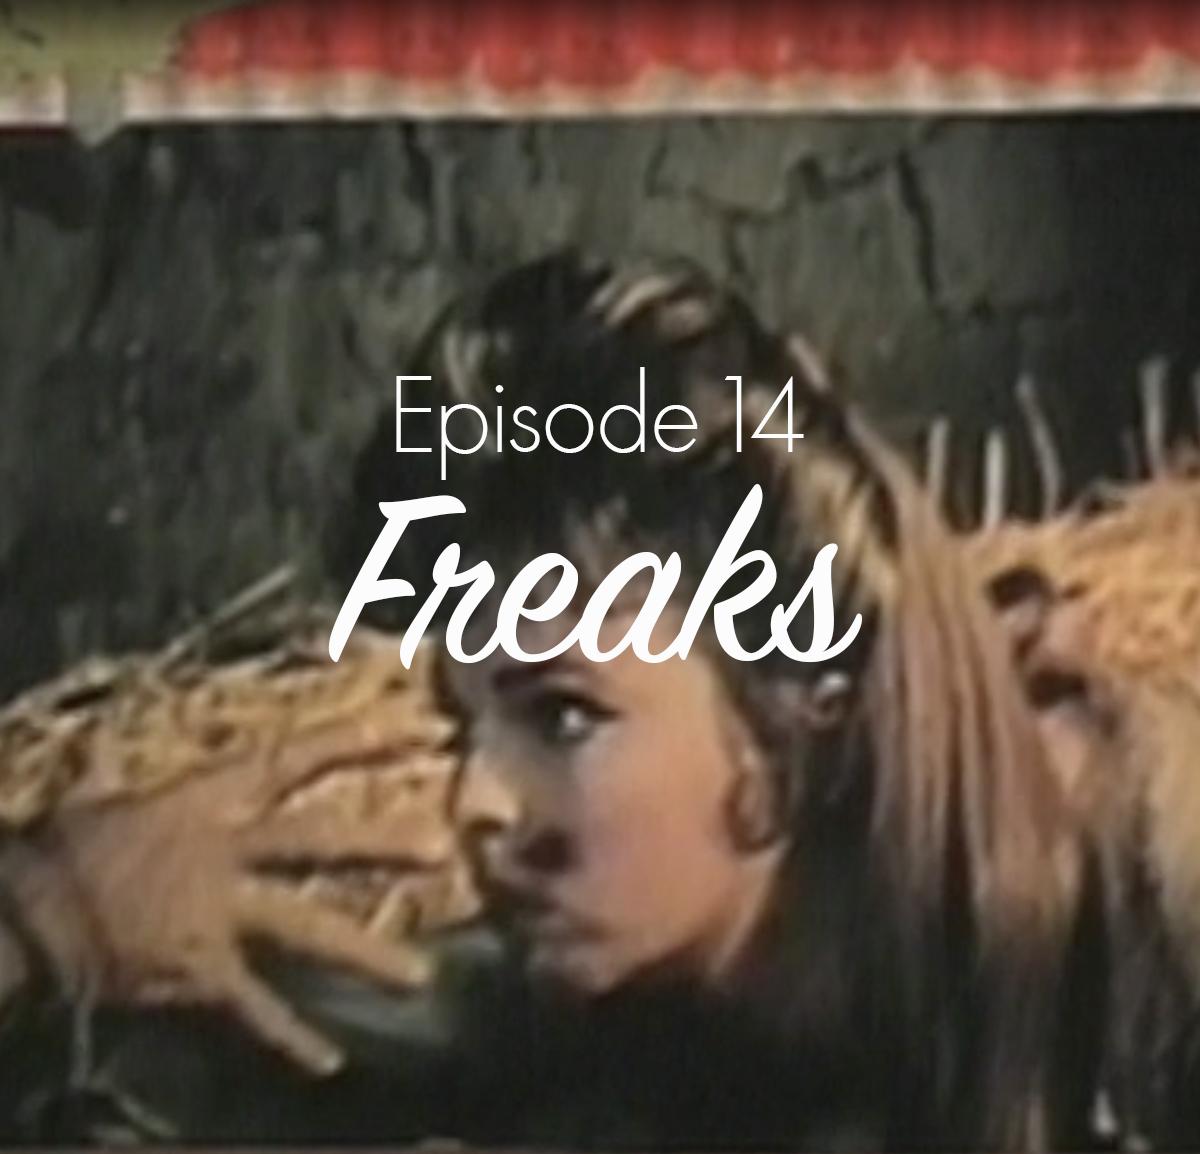 100 Years of Horror brings you stories of freaks